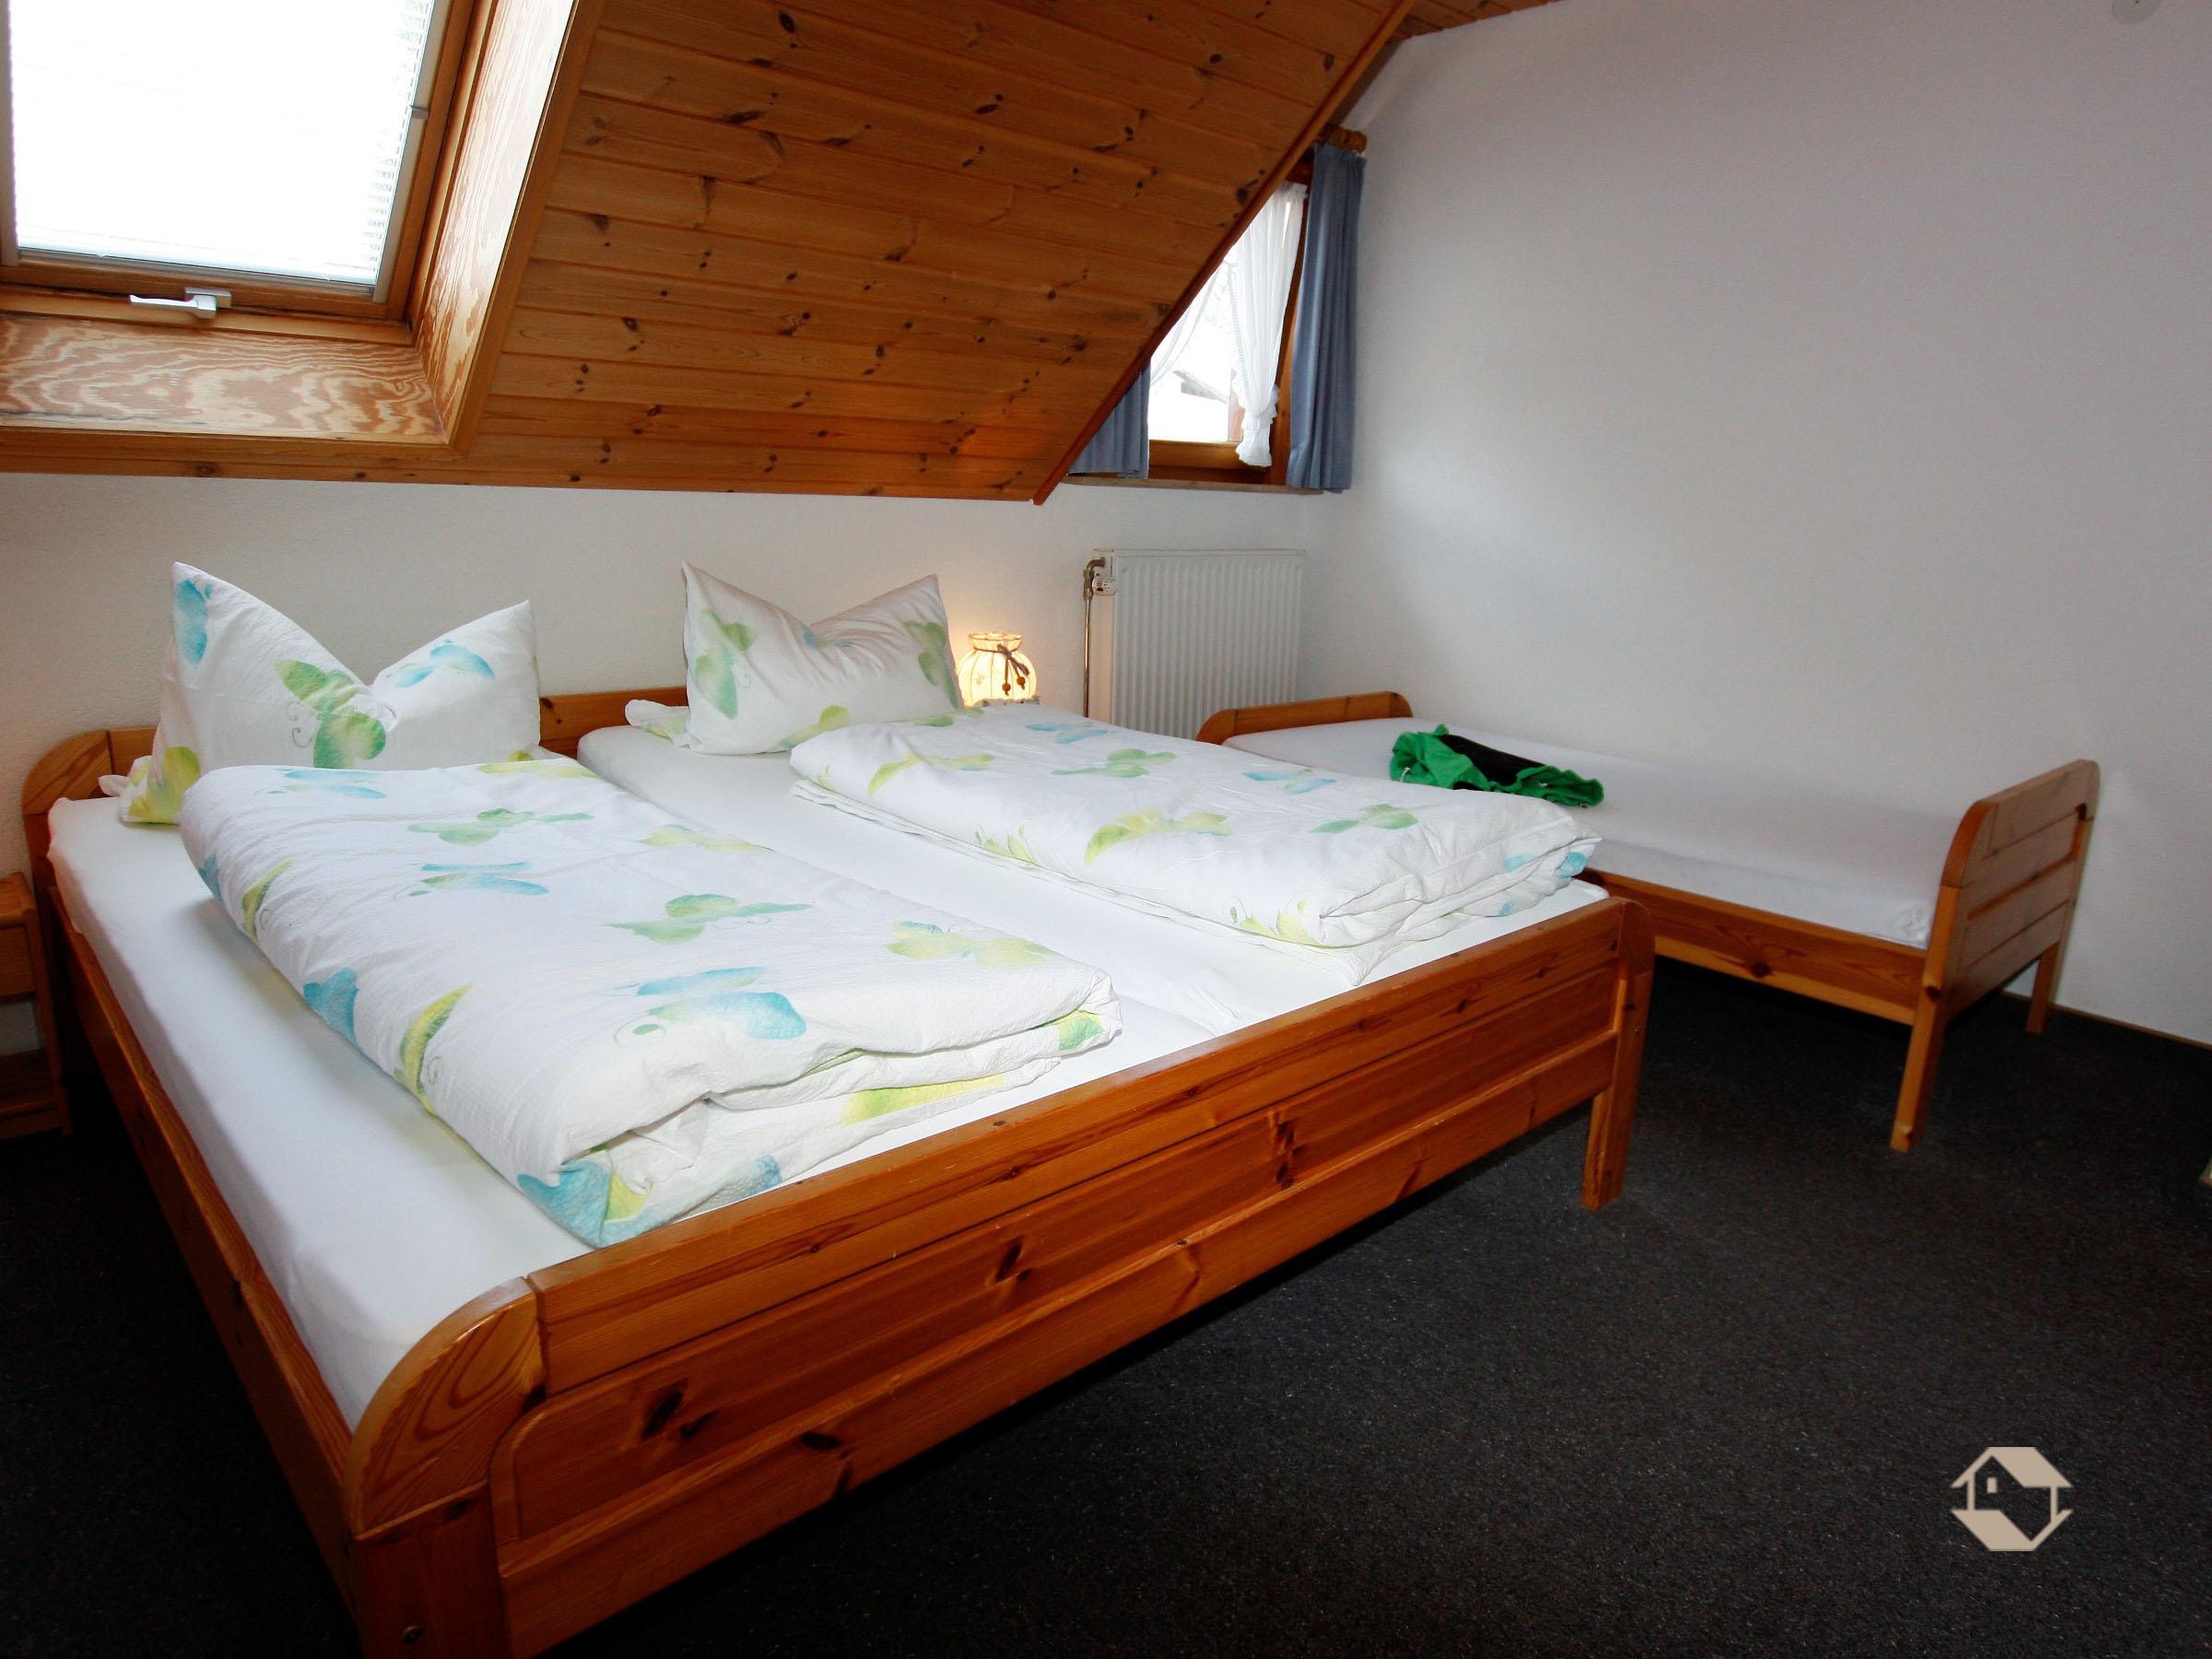 Ferienwohnung Haus Kandelblick, (Furtwangen). Ferienwohnung Feldbergblick, 70qm, 2 Schlafzimmer, 1 Wohn- (2717401), Furtwangen, Schwarzwald, Baden-Württemberg, Deutschland, Bild 22